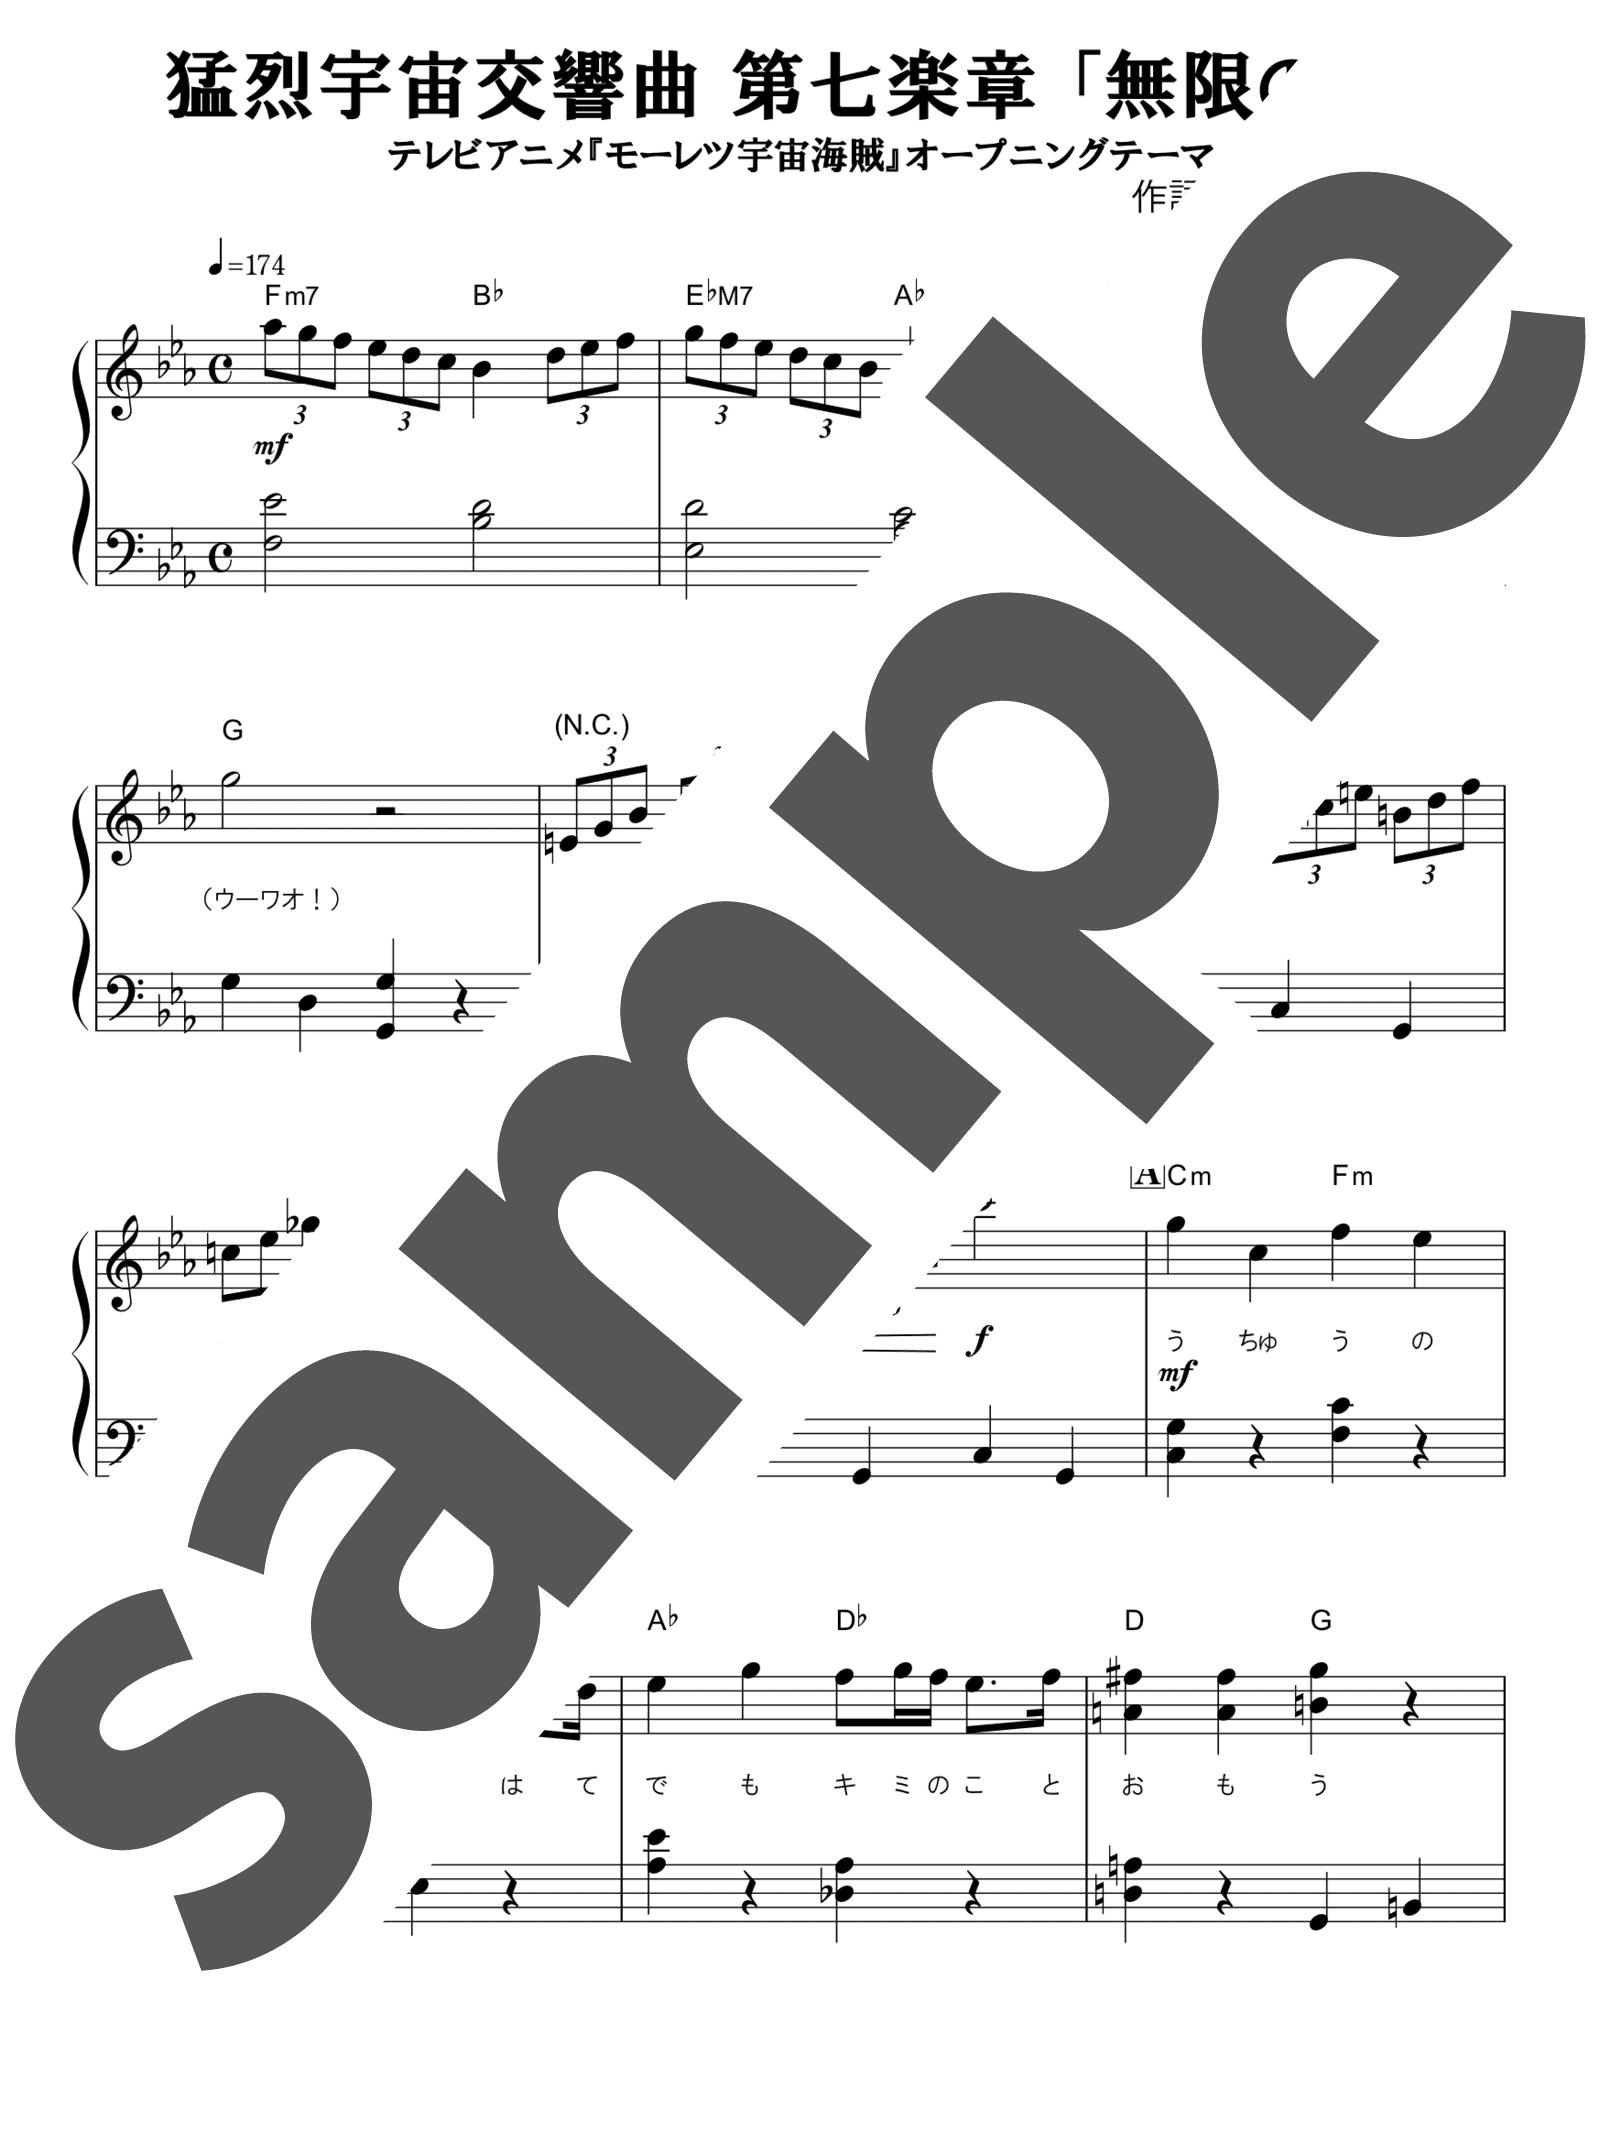 「猛烈宇宙交響曲・第七楽章「無限の愛」」のサンプル楽譜